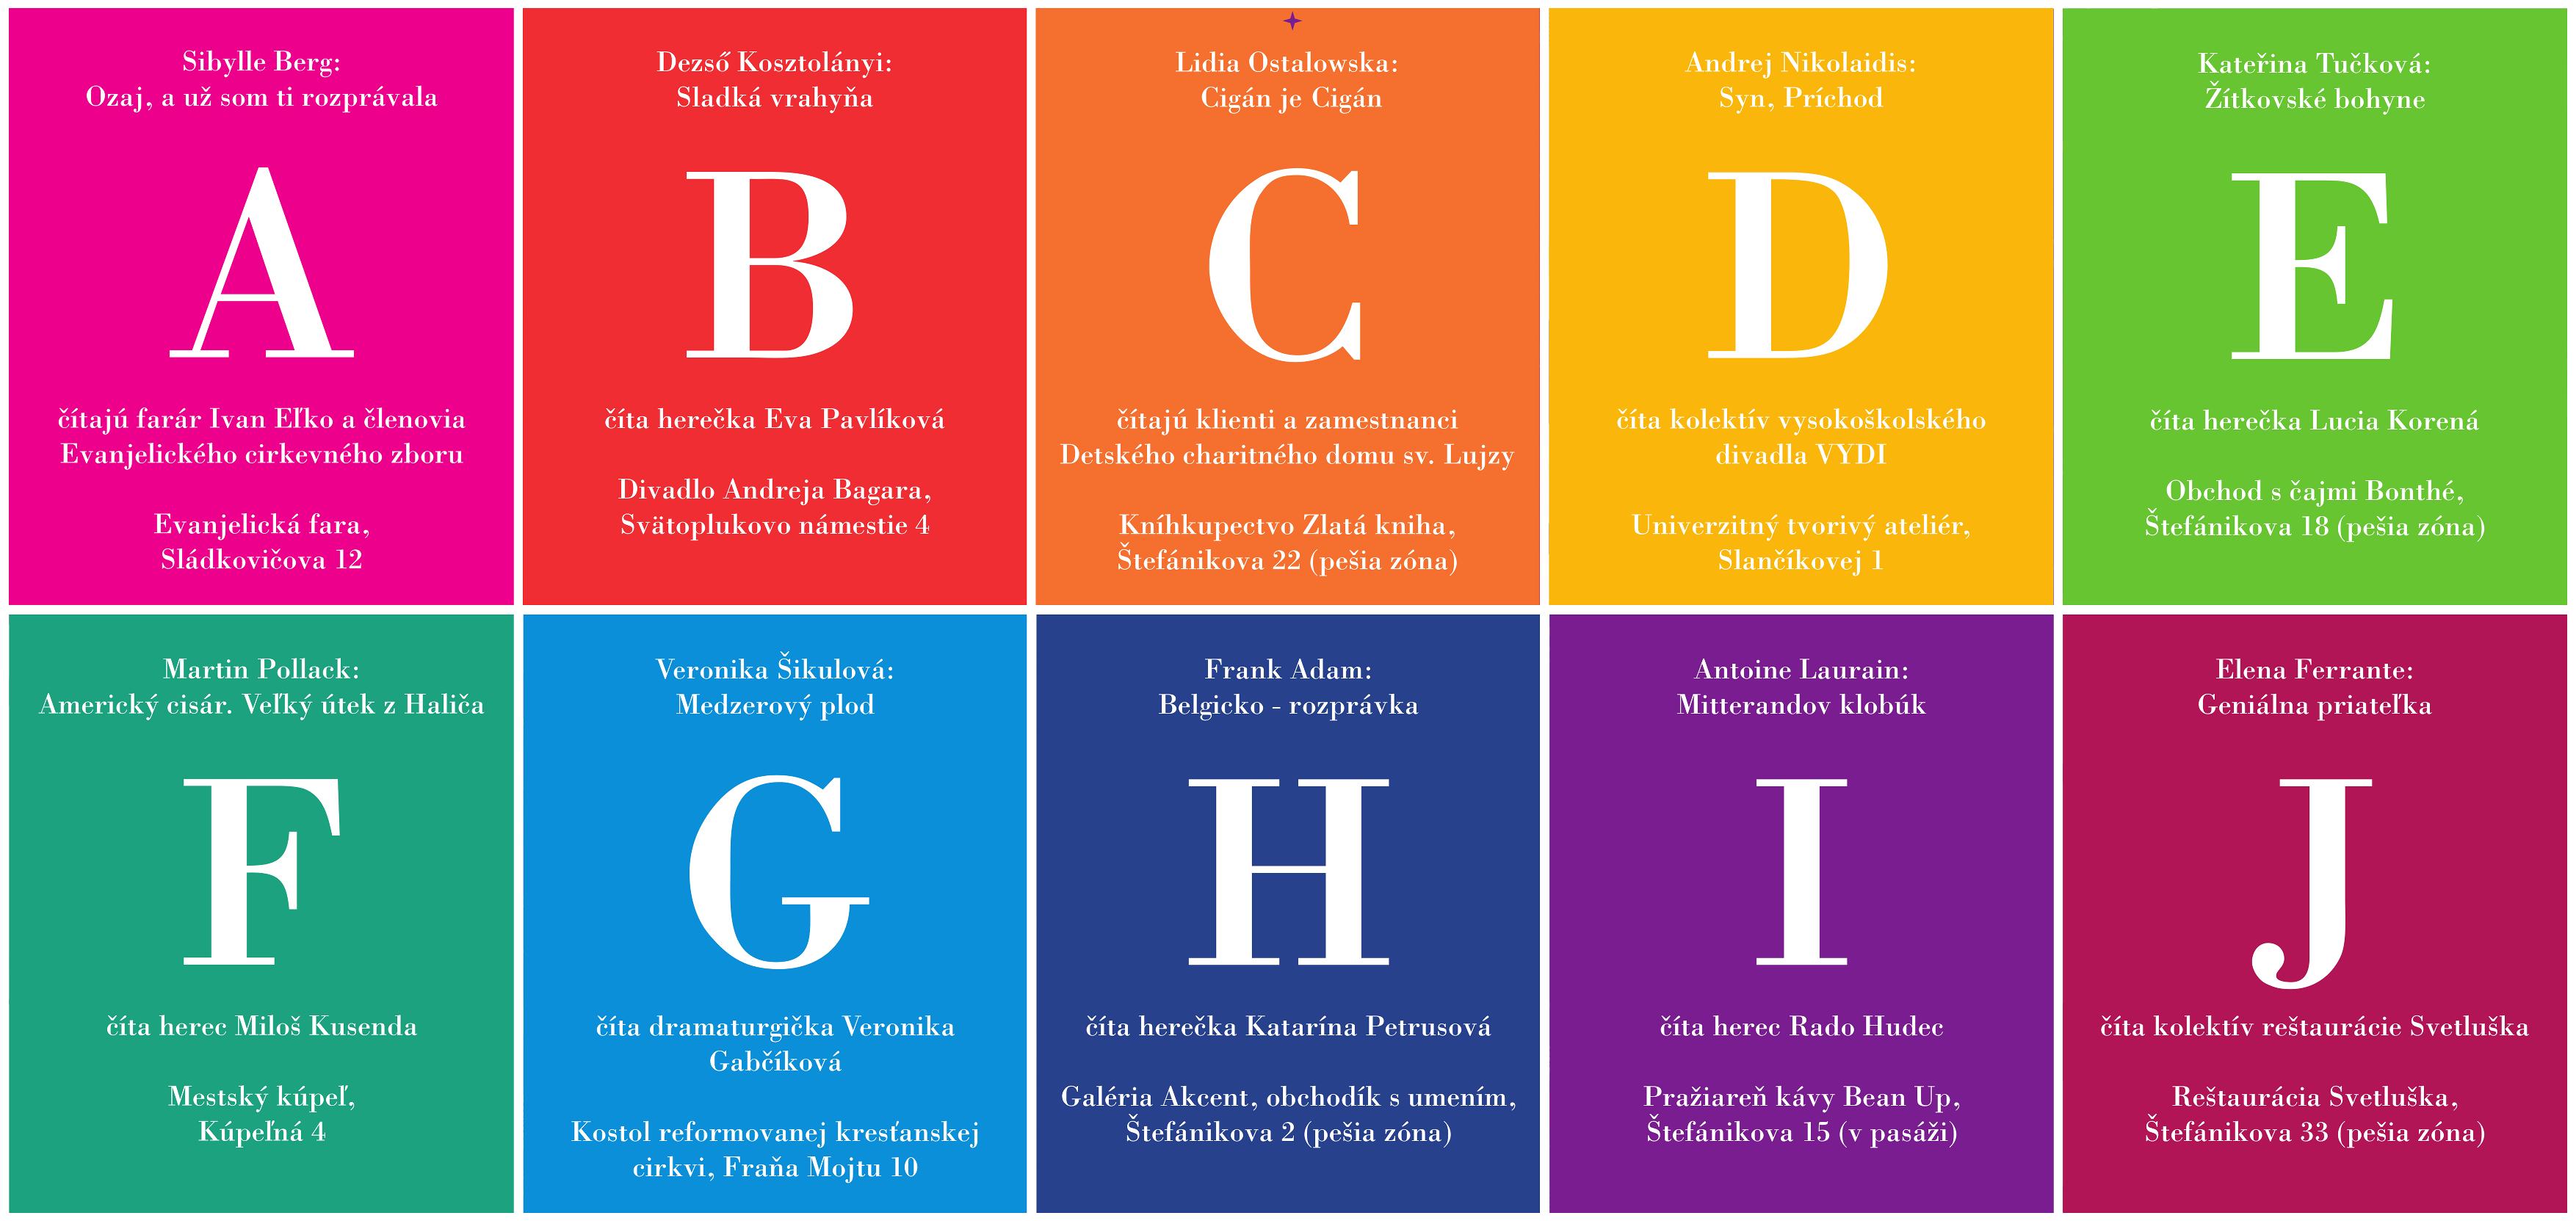 6afd88a3f Príďte objaviť nové knihy na miesta, kde by ste ich bežne nehľadali. S  knihou sa stretnete na plavárni, v obchode, v pražiarni kávy, v  reštaurácii, na fare, ...